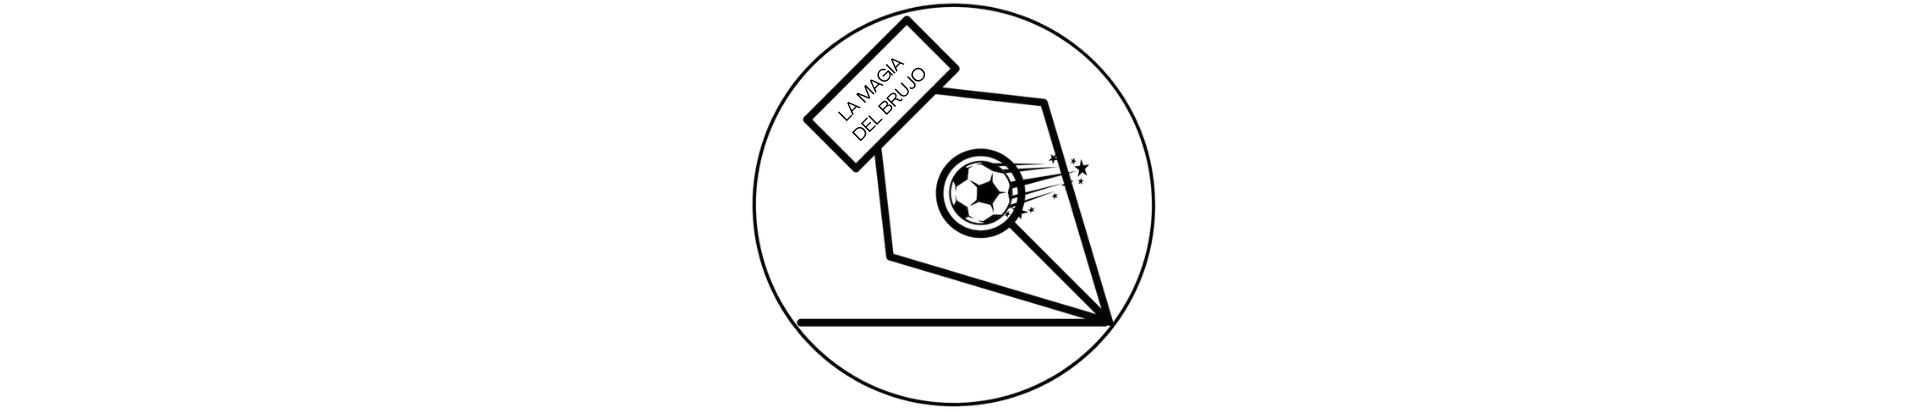 La magia del Brujo · Comunicación deportiva - Agencia de comunicación deportiva